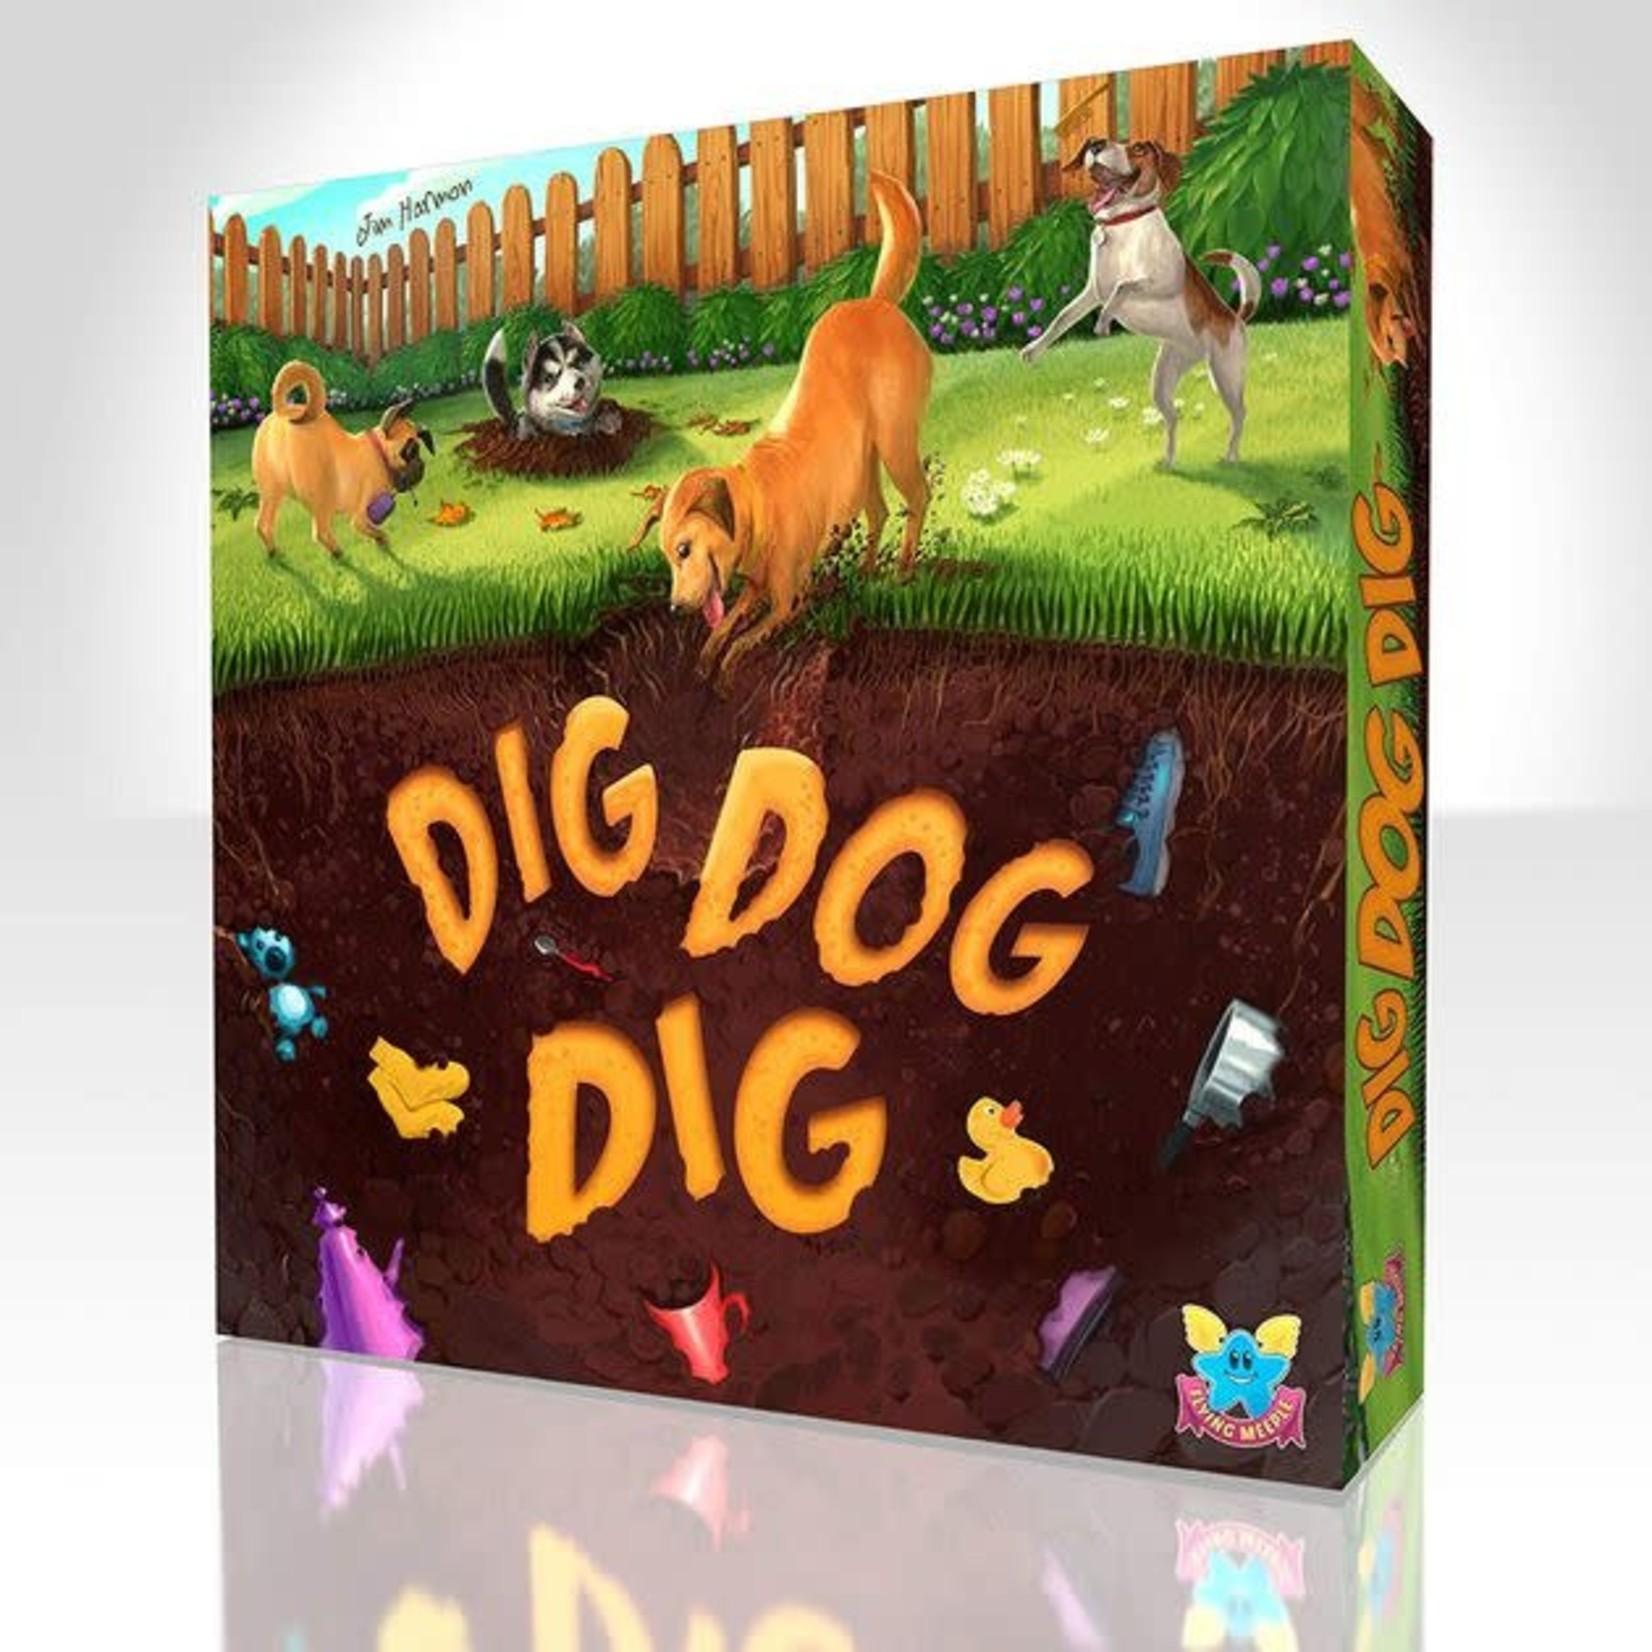 The Flying Meeple Dig Dog Dig